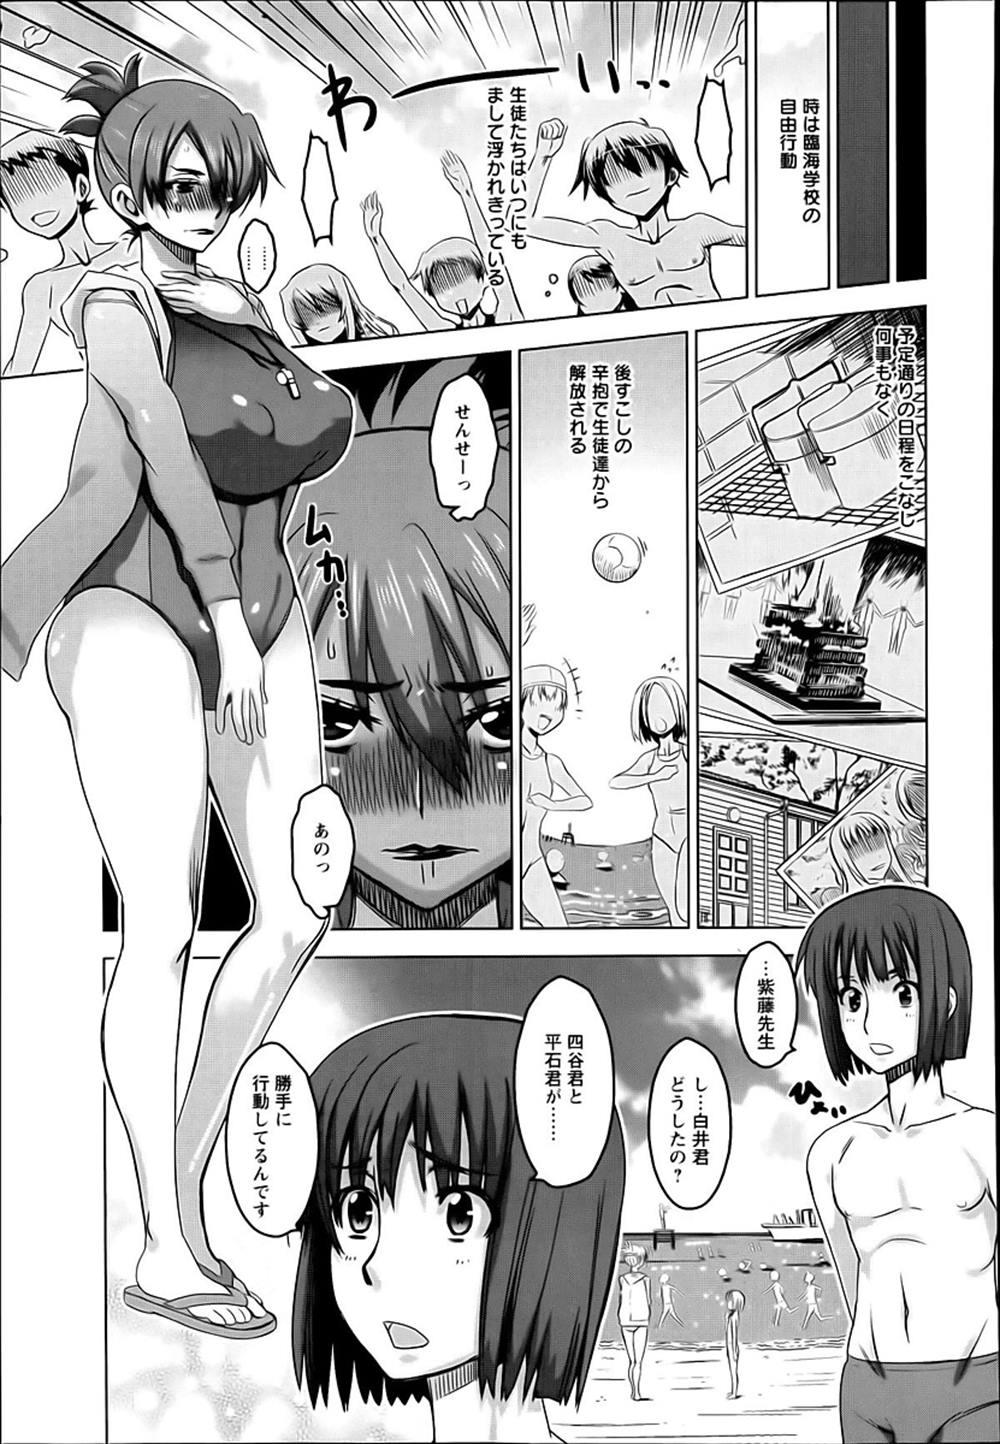 【エロ漫画】ショタ生徒からセクハラされ輪姦乱交レイプされる巨乳水着女www